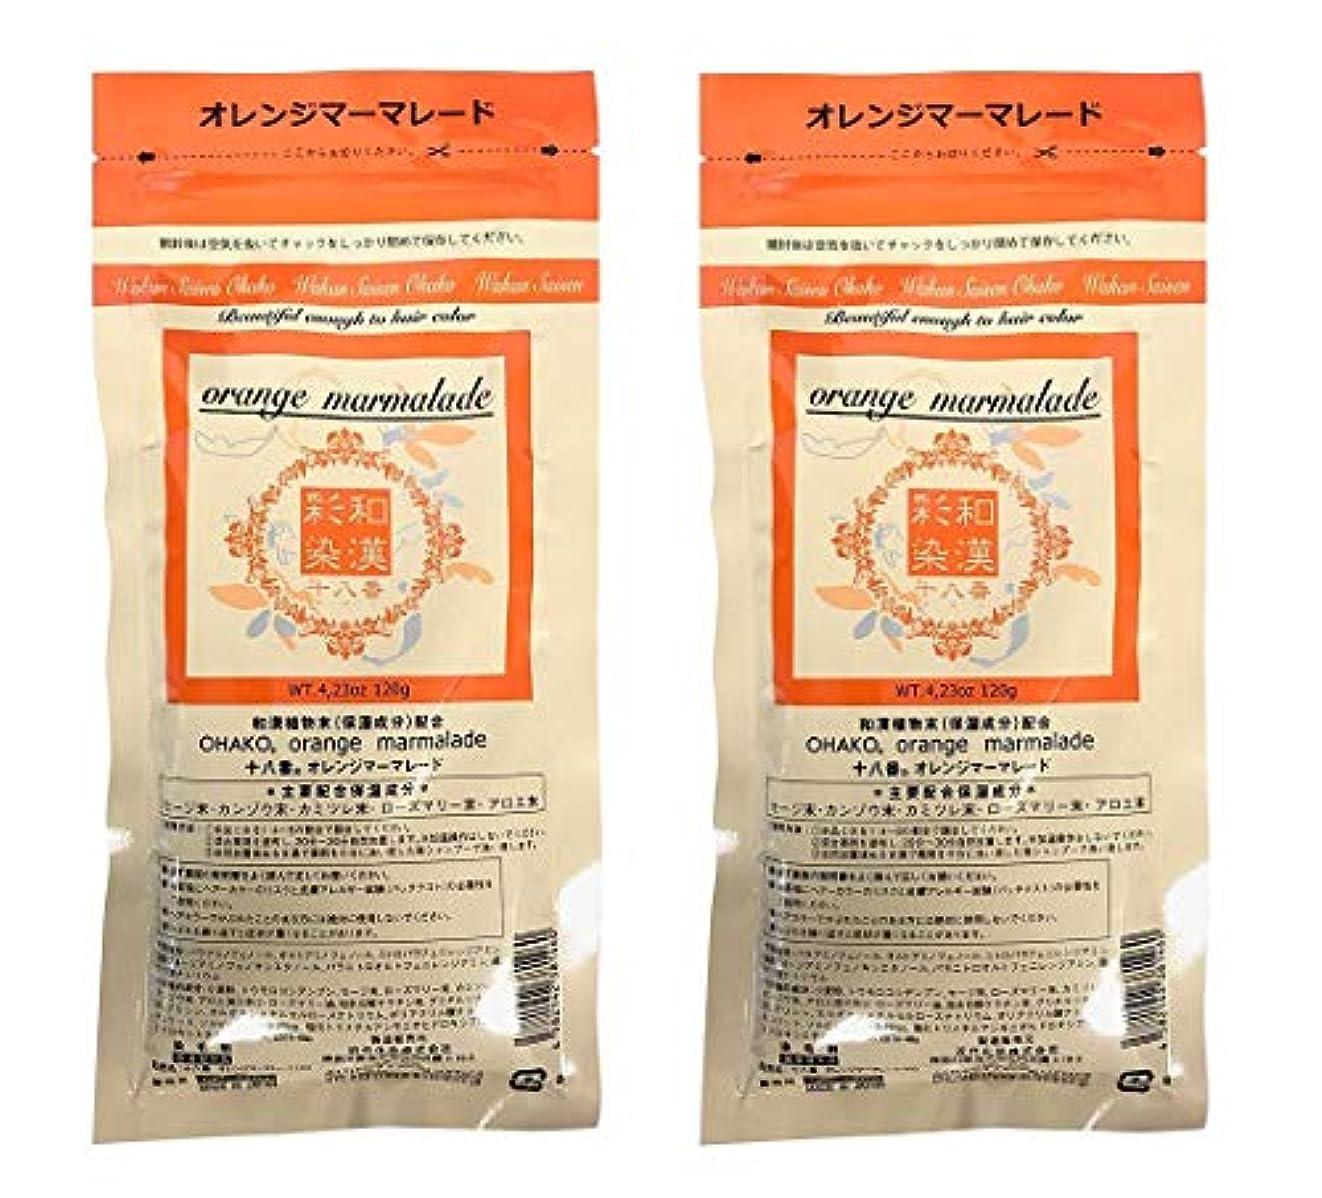 抽象化履歴書ターミナル【2個セット】グランデックス 和漢彩染 十八番 120g オレンジママーレード